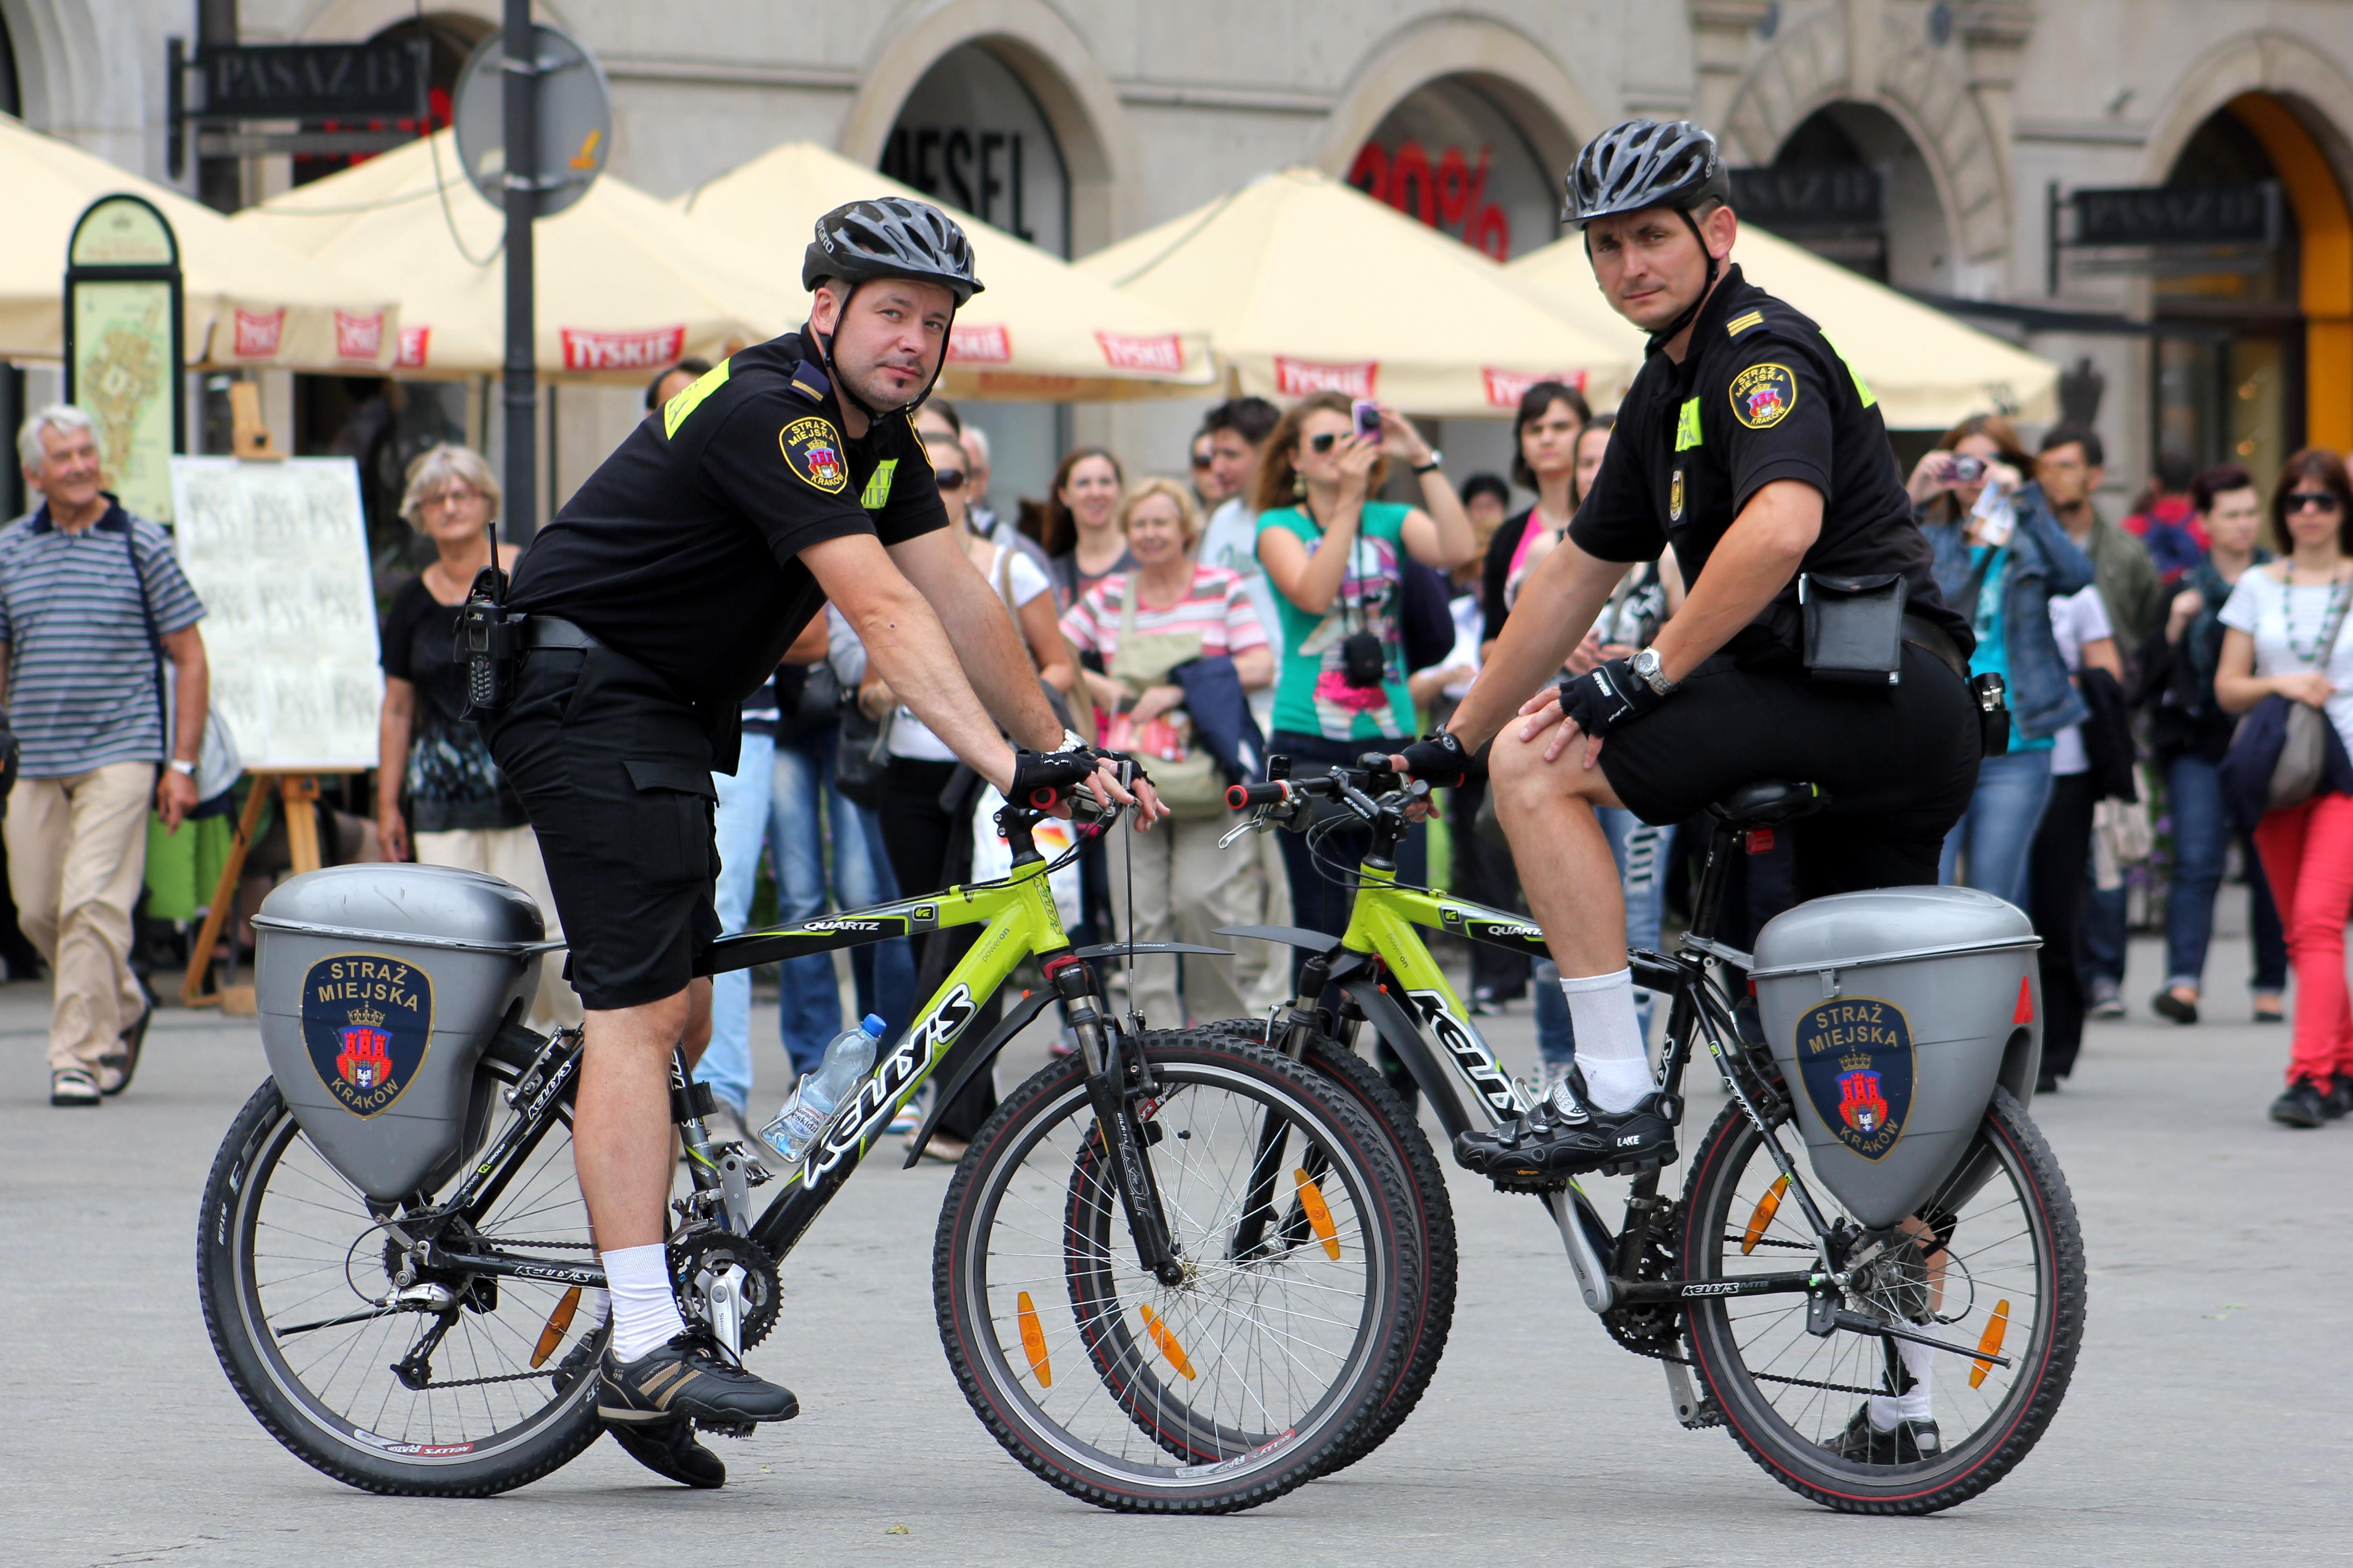 Straż Miejska i MPK SA w Krakowie uczą bezpiecznej jazdy rowerem